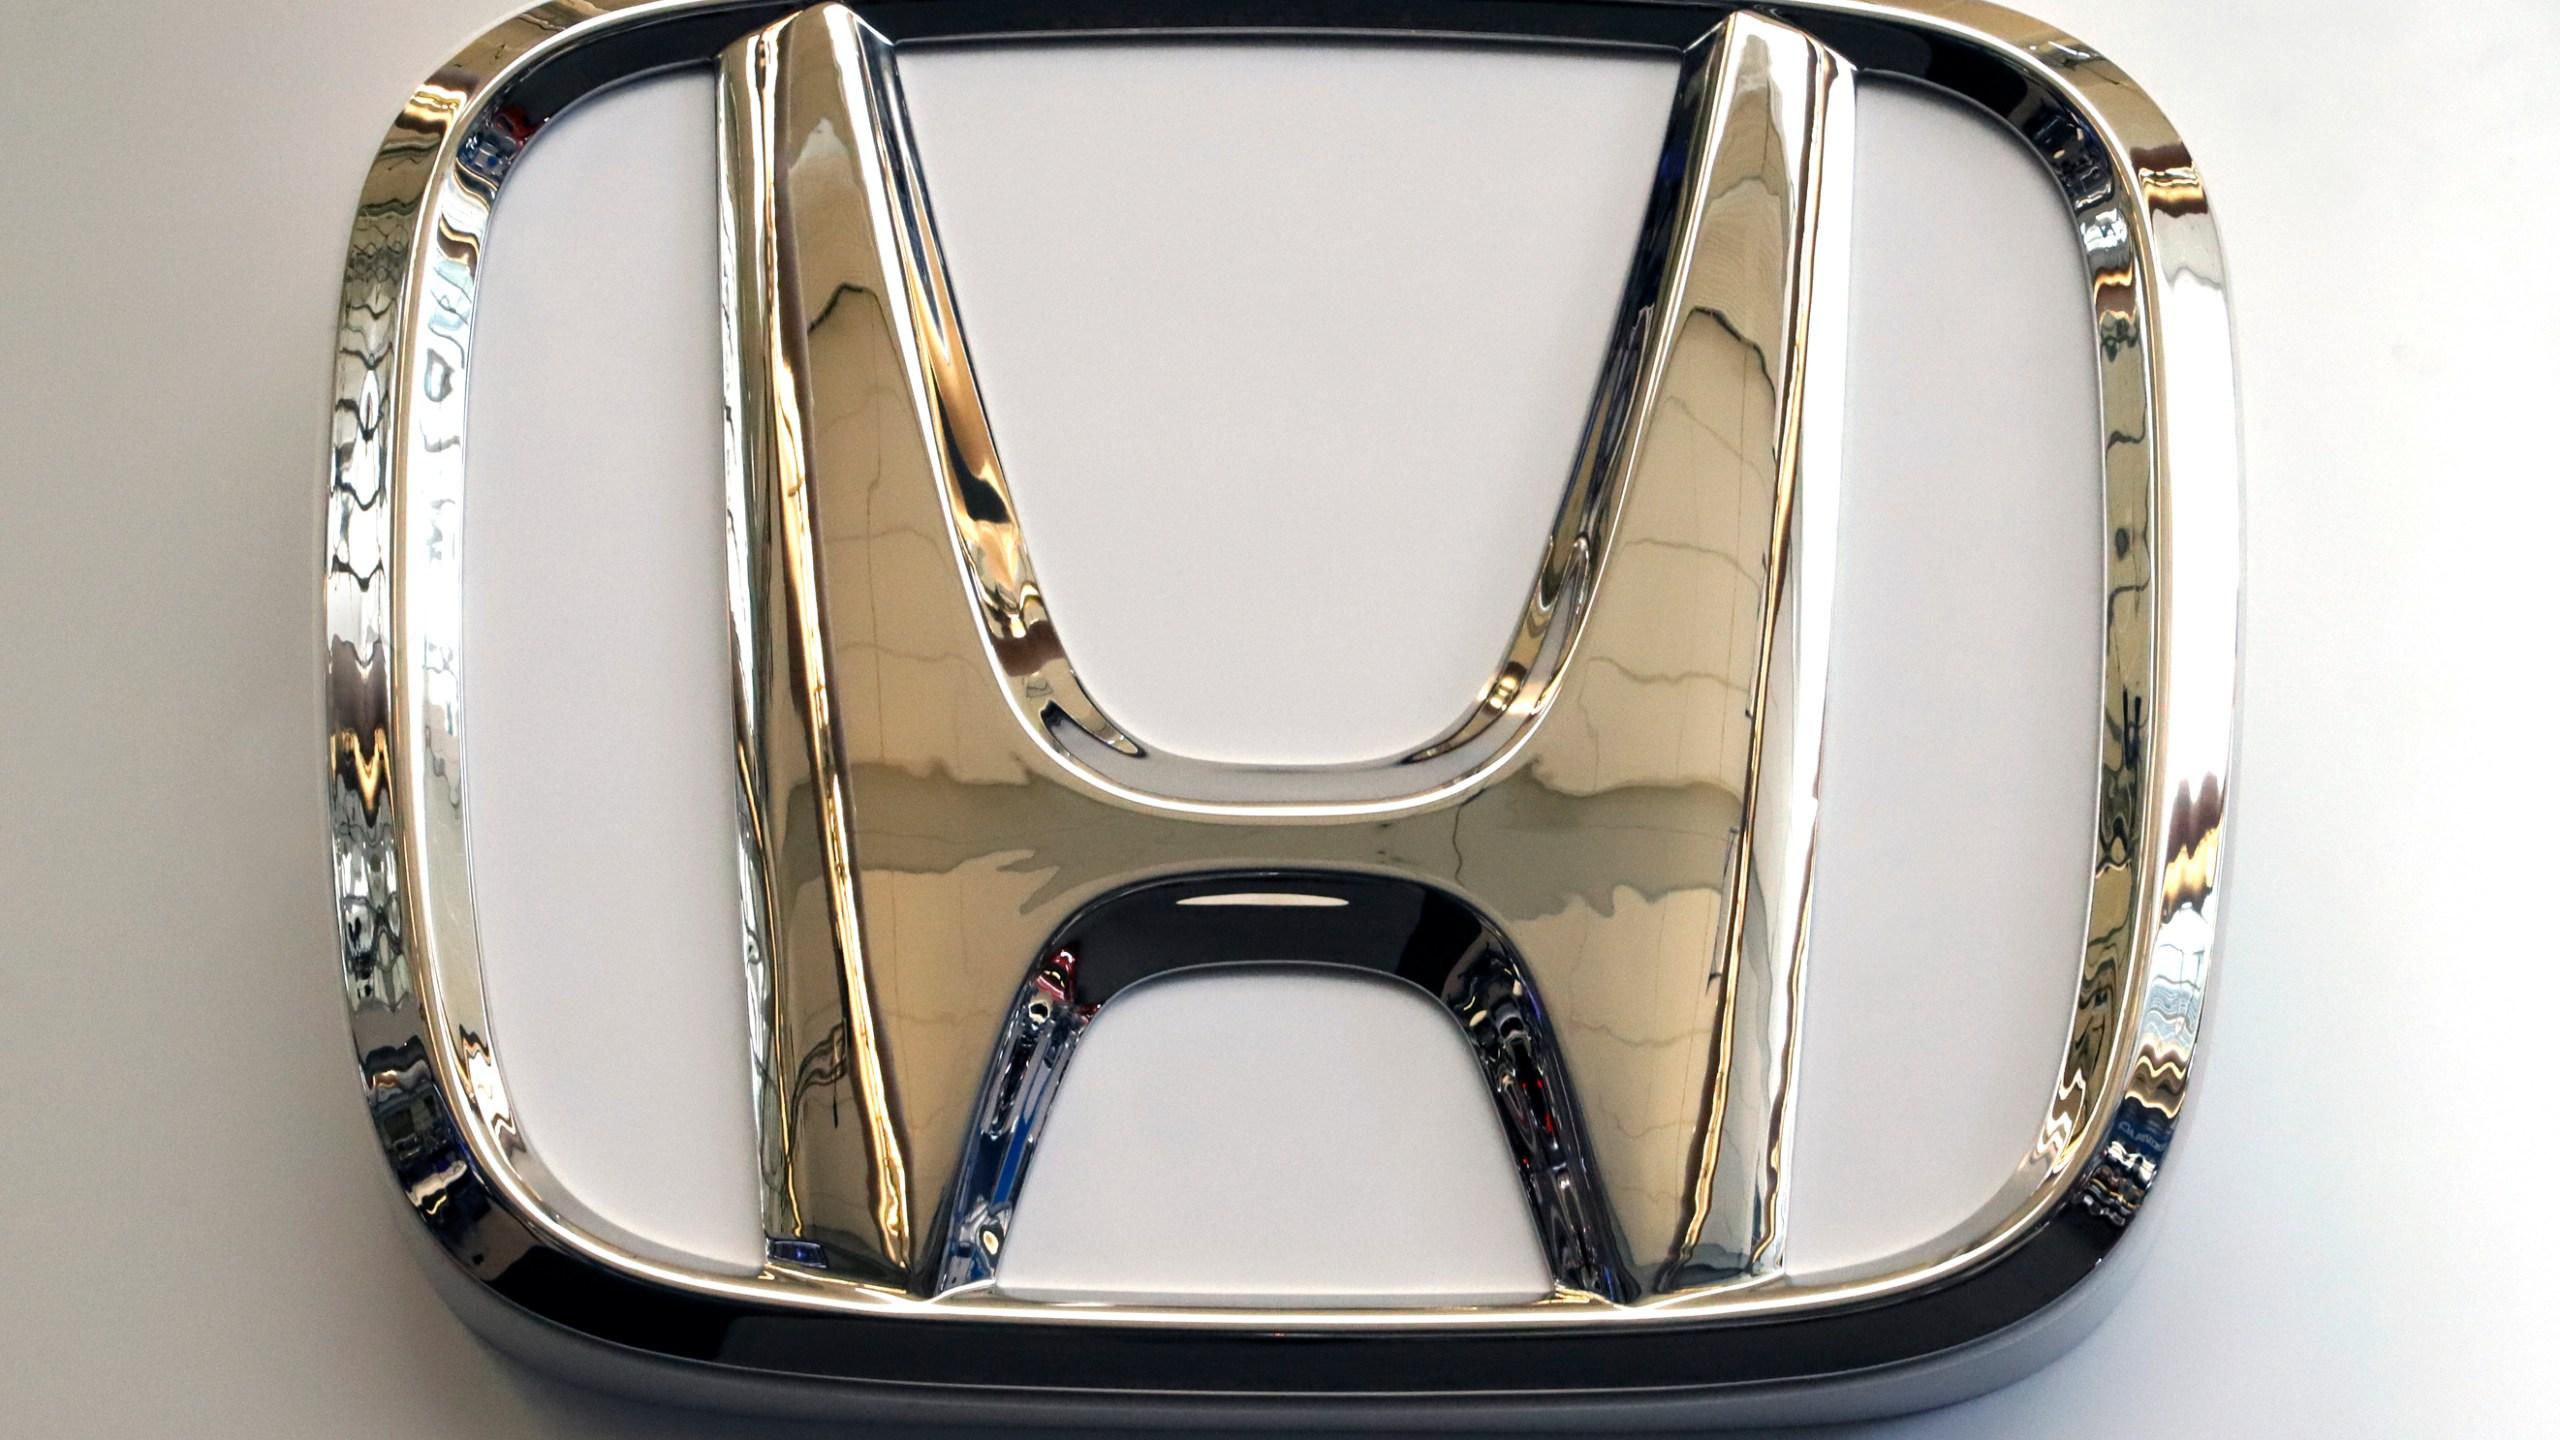 Honda_Air_Bag_Recall_25167-159532.jpg09157301